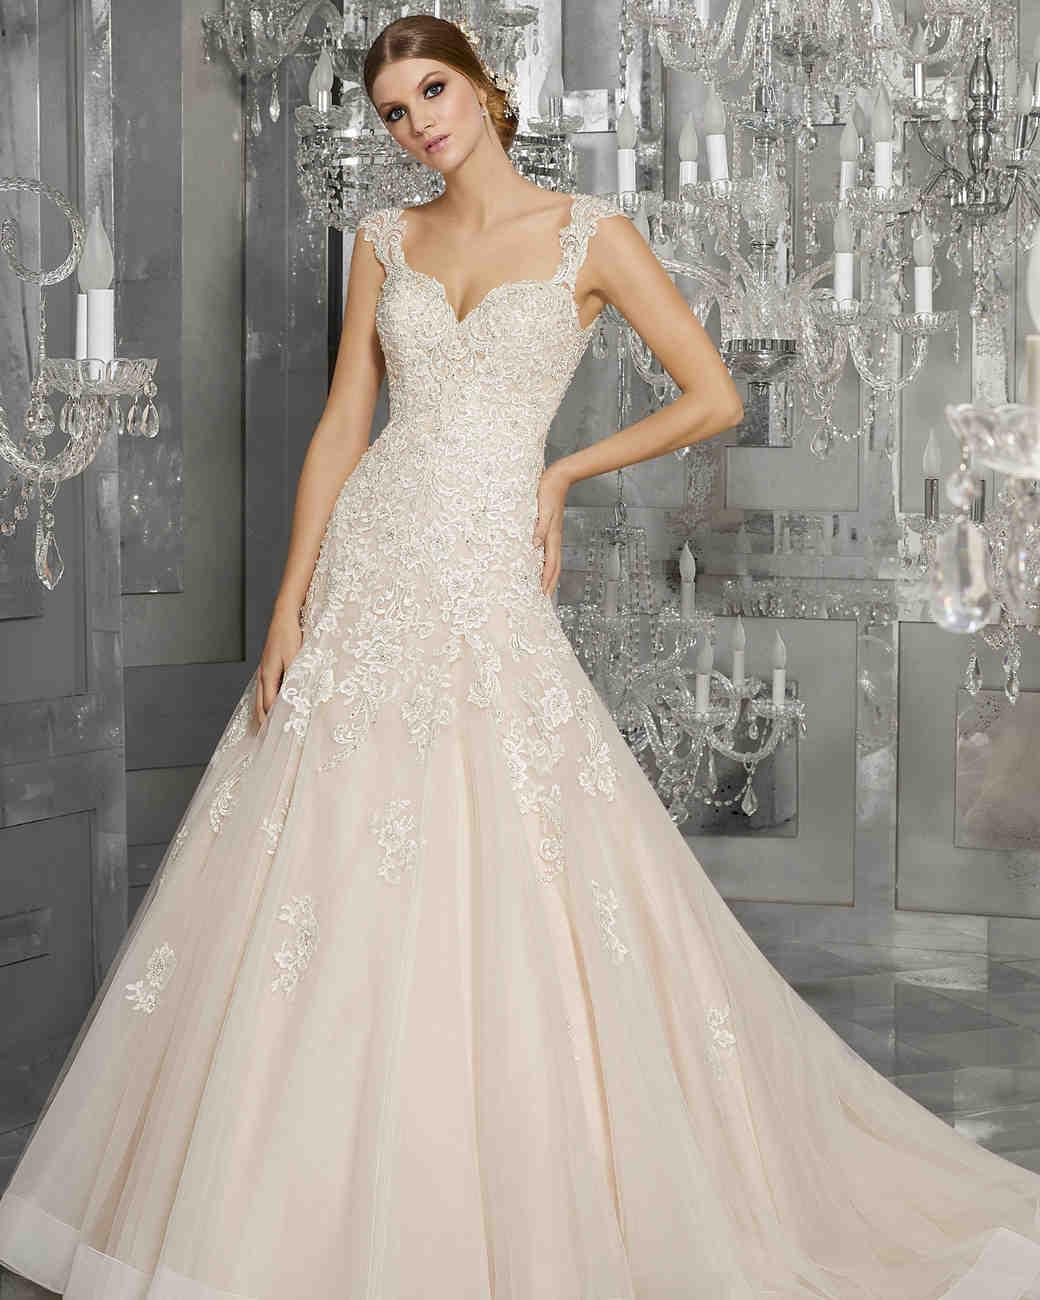 morilee wedding dress spring 2018 v-neck embellished a-line